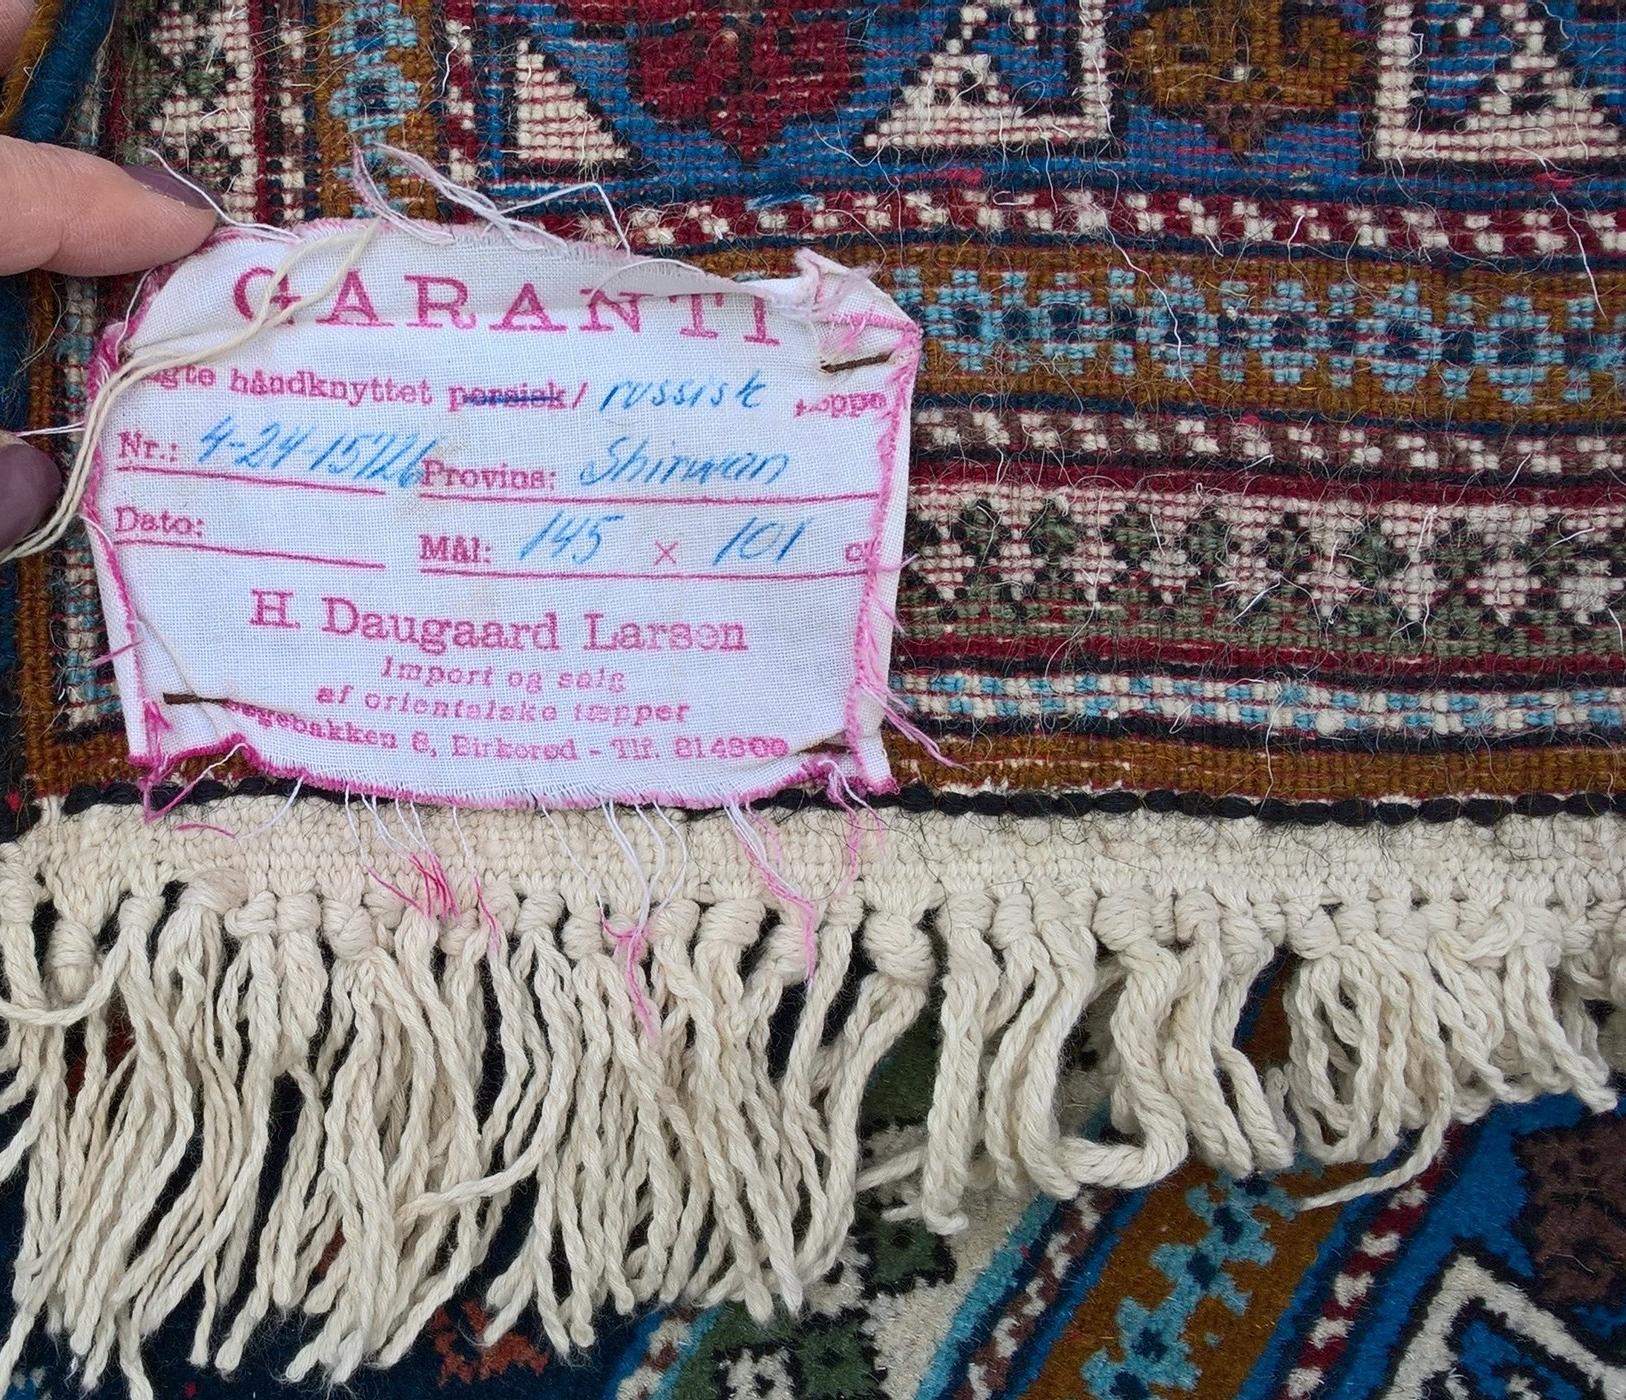 Garanti fra H. Daugaard Larsen